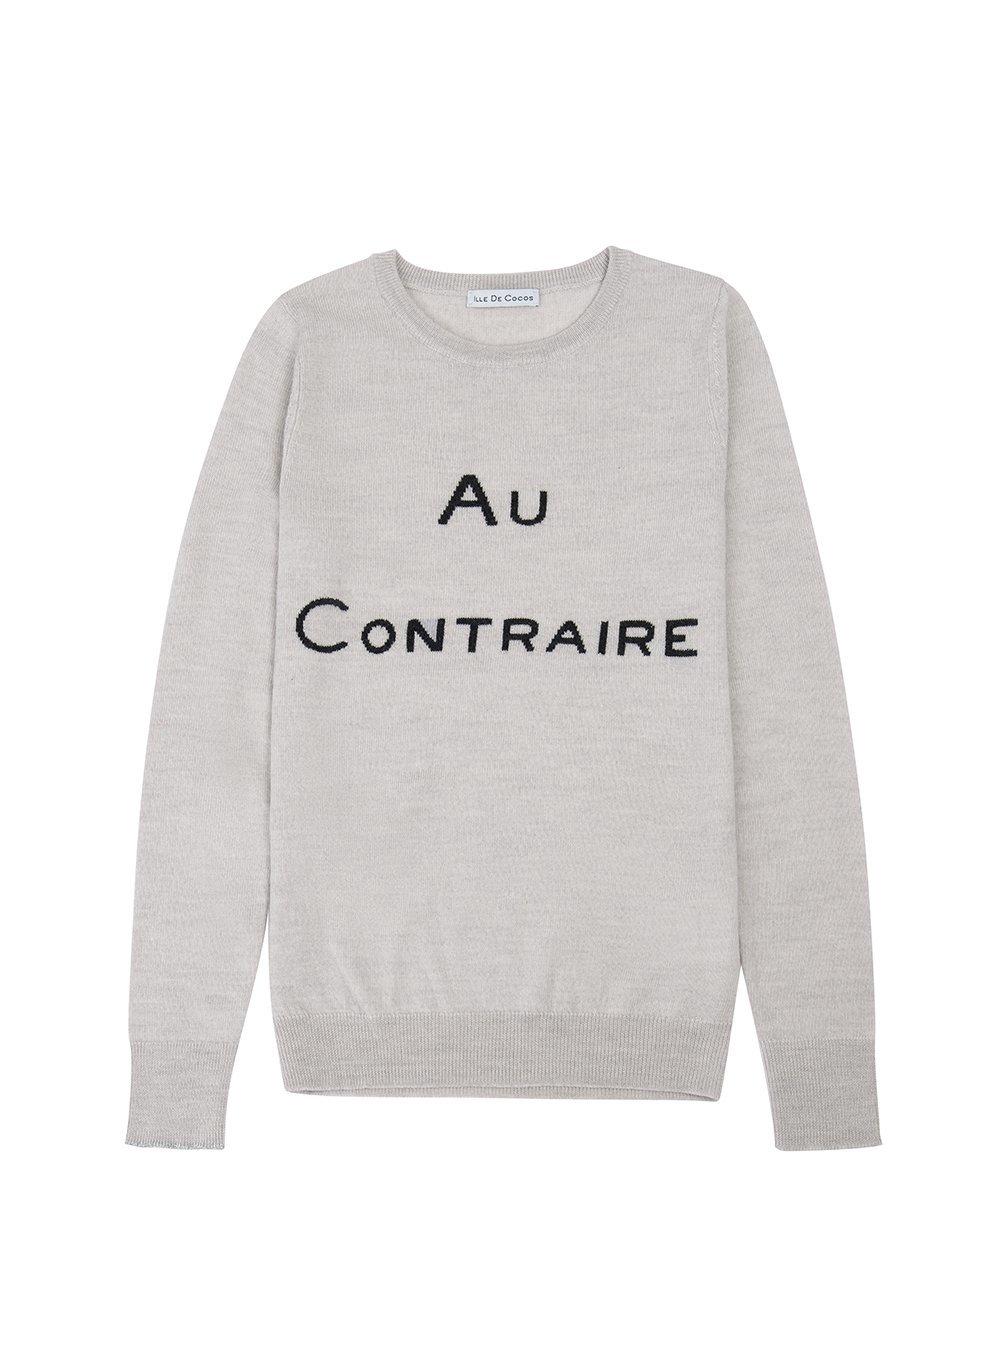 ILLE DE COCOS Au Contraire Merino Sweater Pebble Grey & Dark Grey